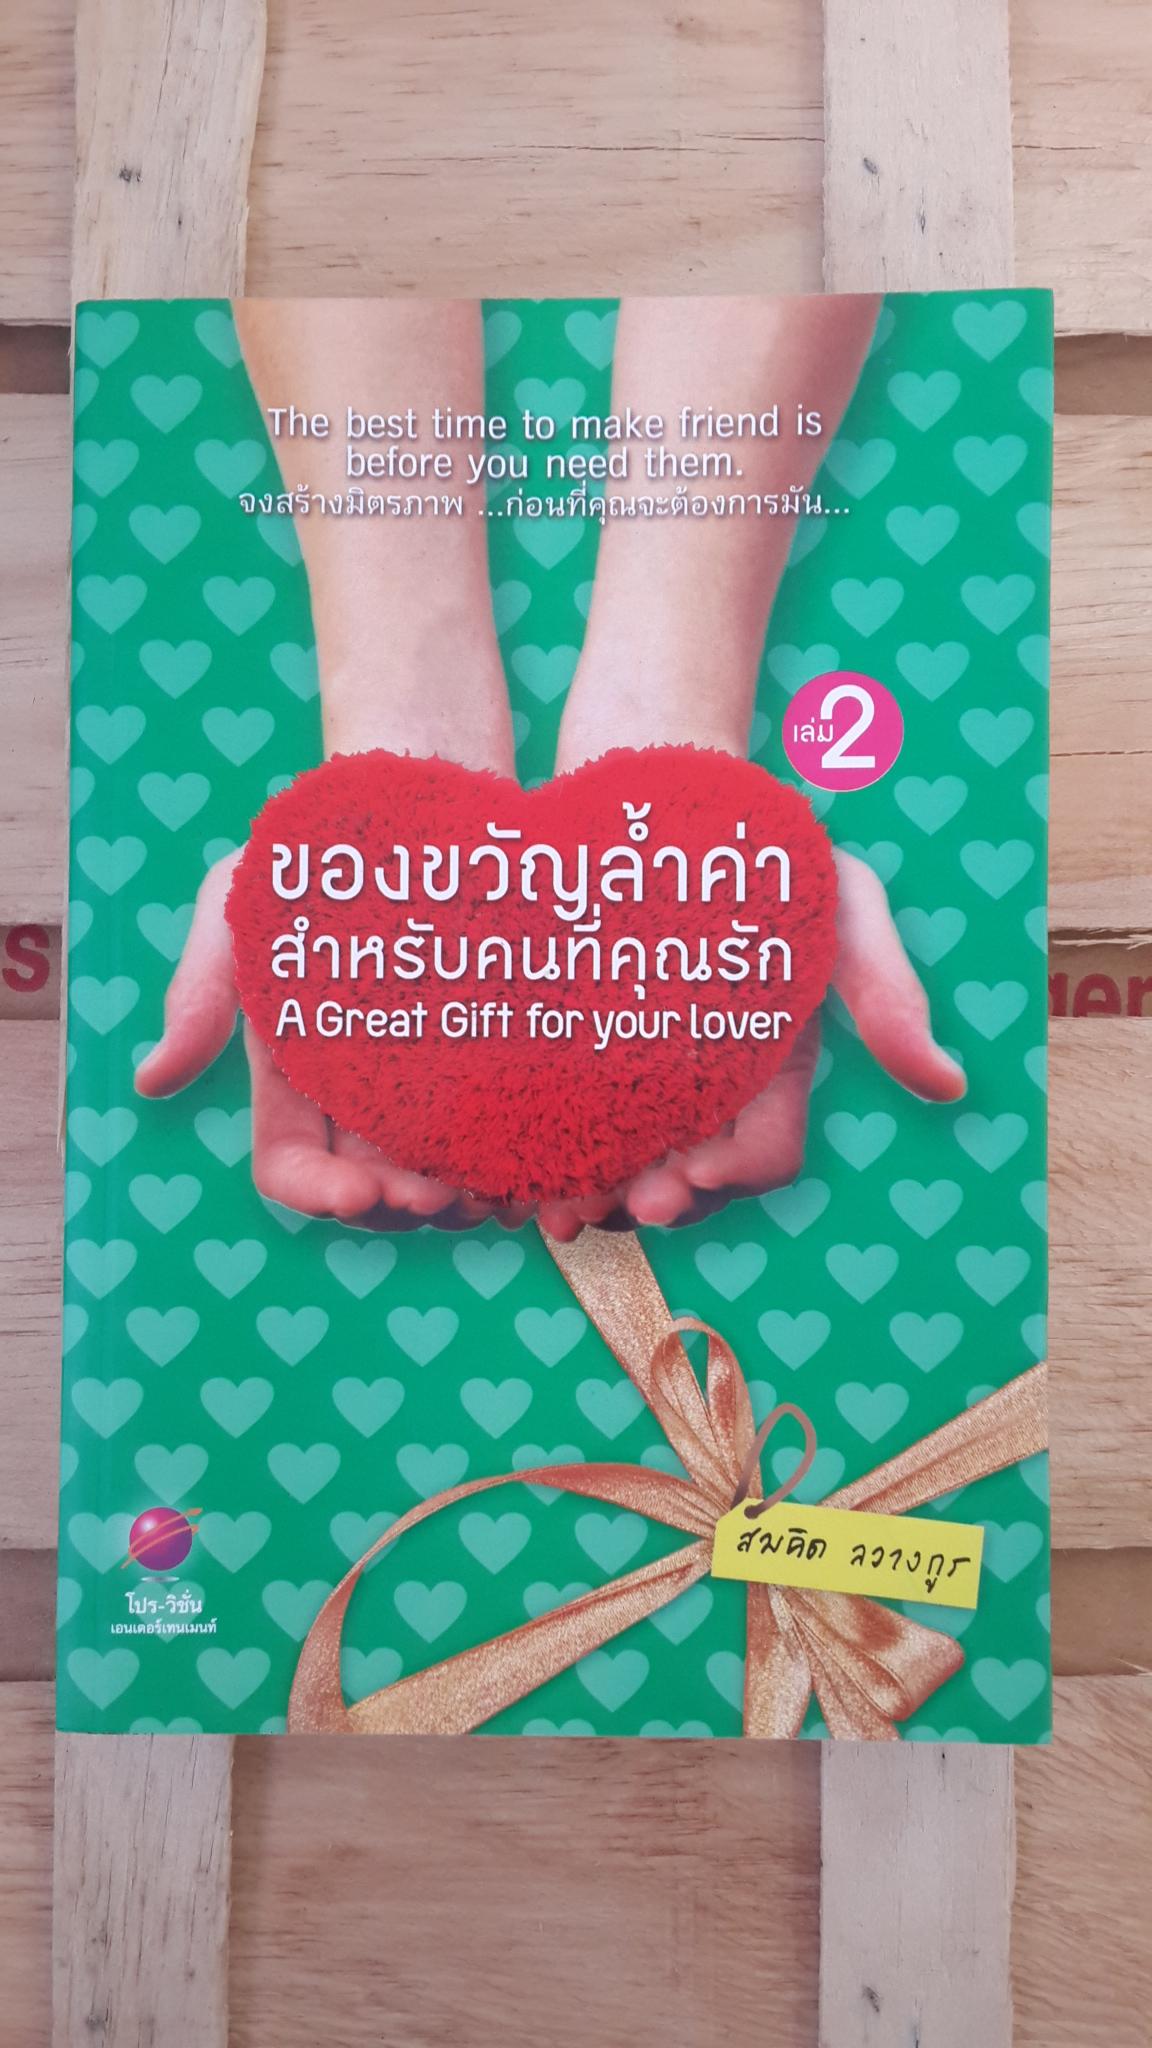 ของขวัญลำ้ค่า สำหรับคนที่คุณรัก เล่ม 2 / สมคิด ลวางกูร